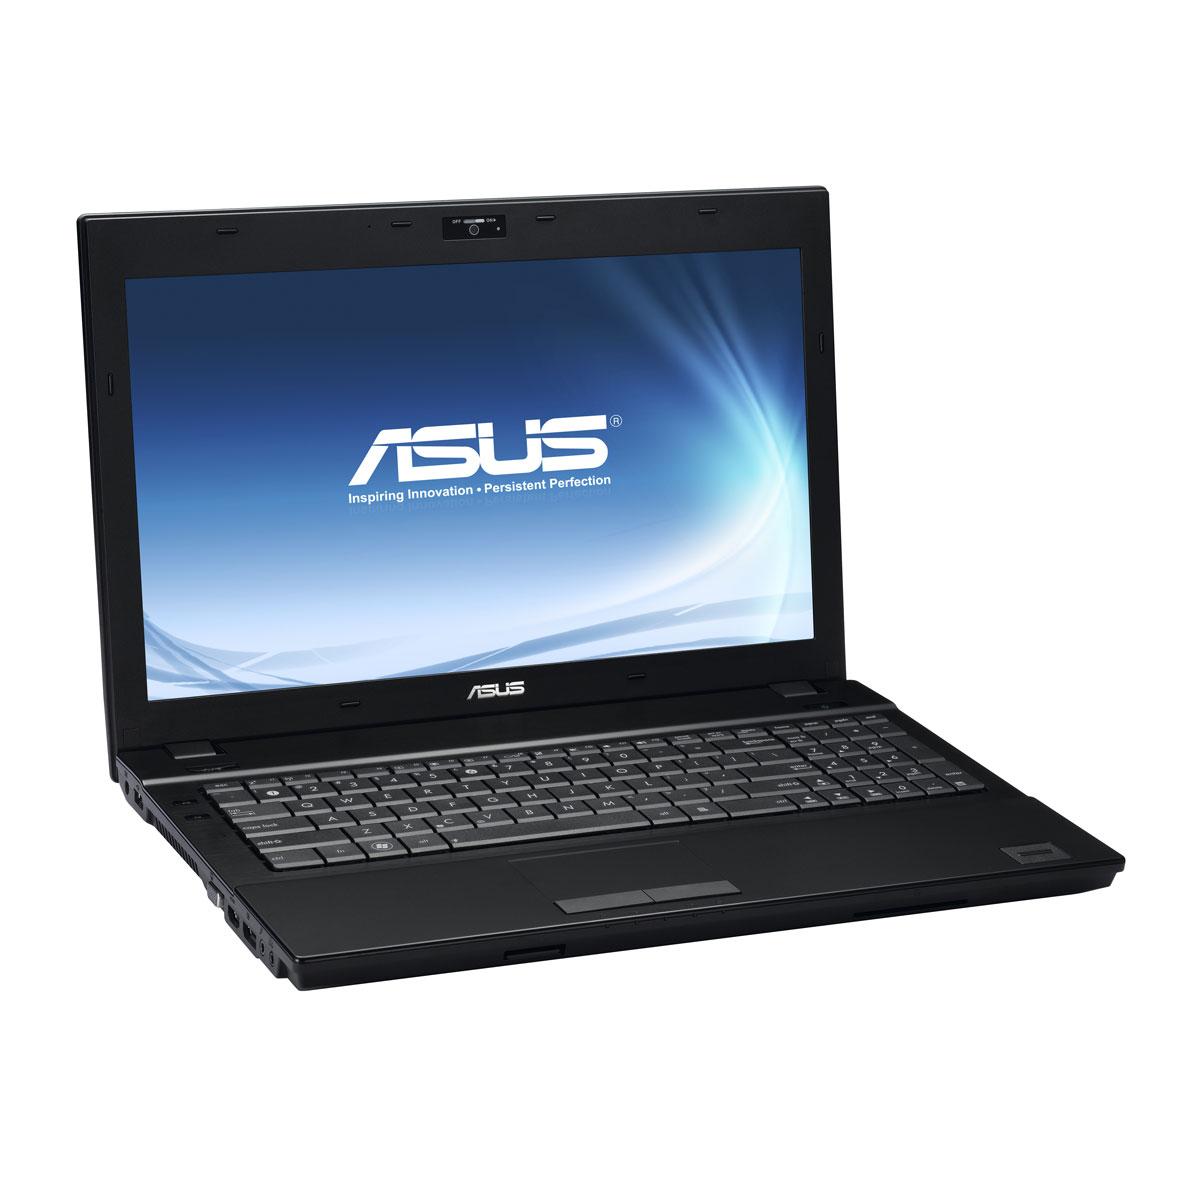 """PC portable ASUS B53V-S4050G Intel Core i5-3230M 4 Go 500 Go 15.6"""" LED NVIDIA NVS 5200M Graveur DVD Wi-Fi N/Bluetooth Webcam Windows 7 Professionnel 64 bits / Windows 8 Pro (garantie constructeur 1 an)"""